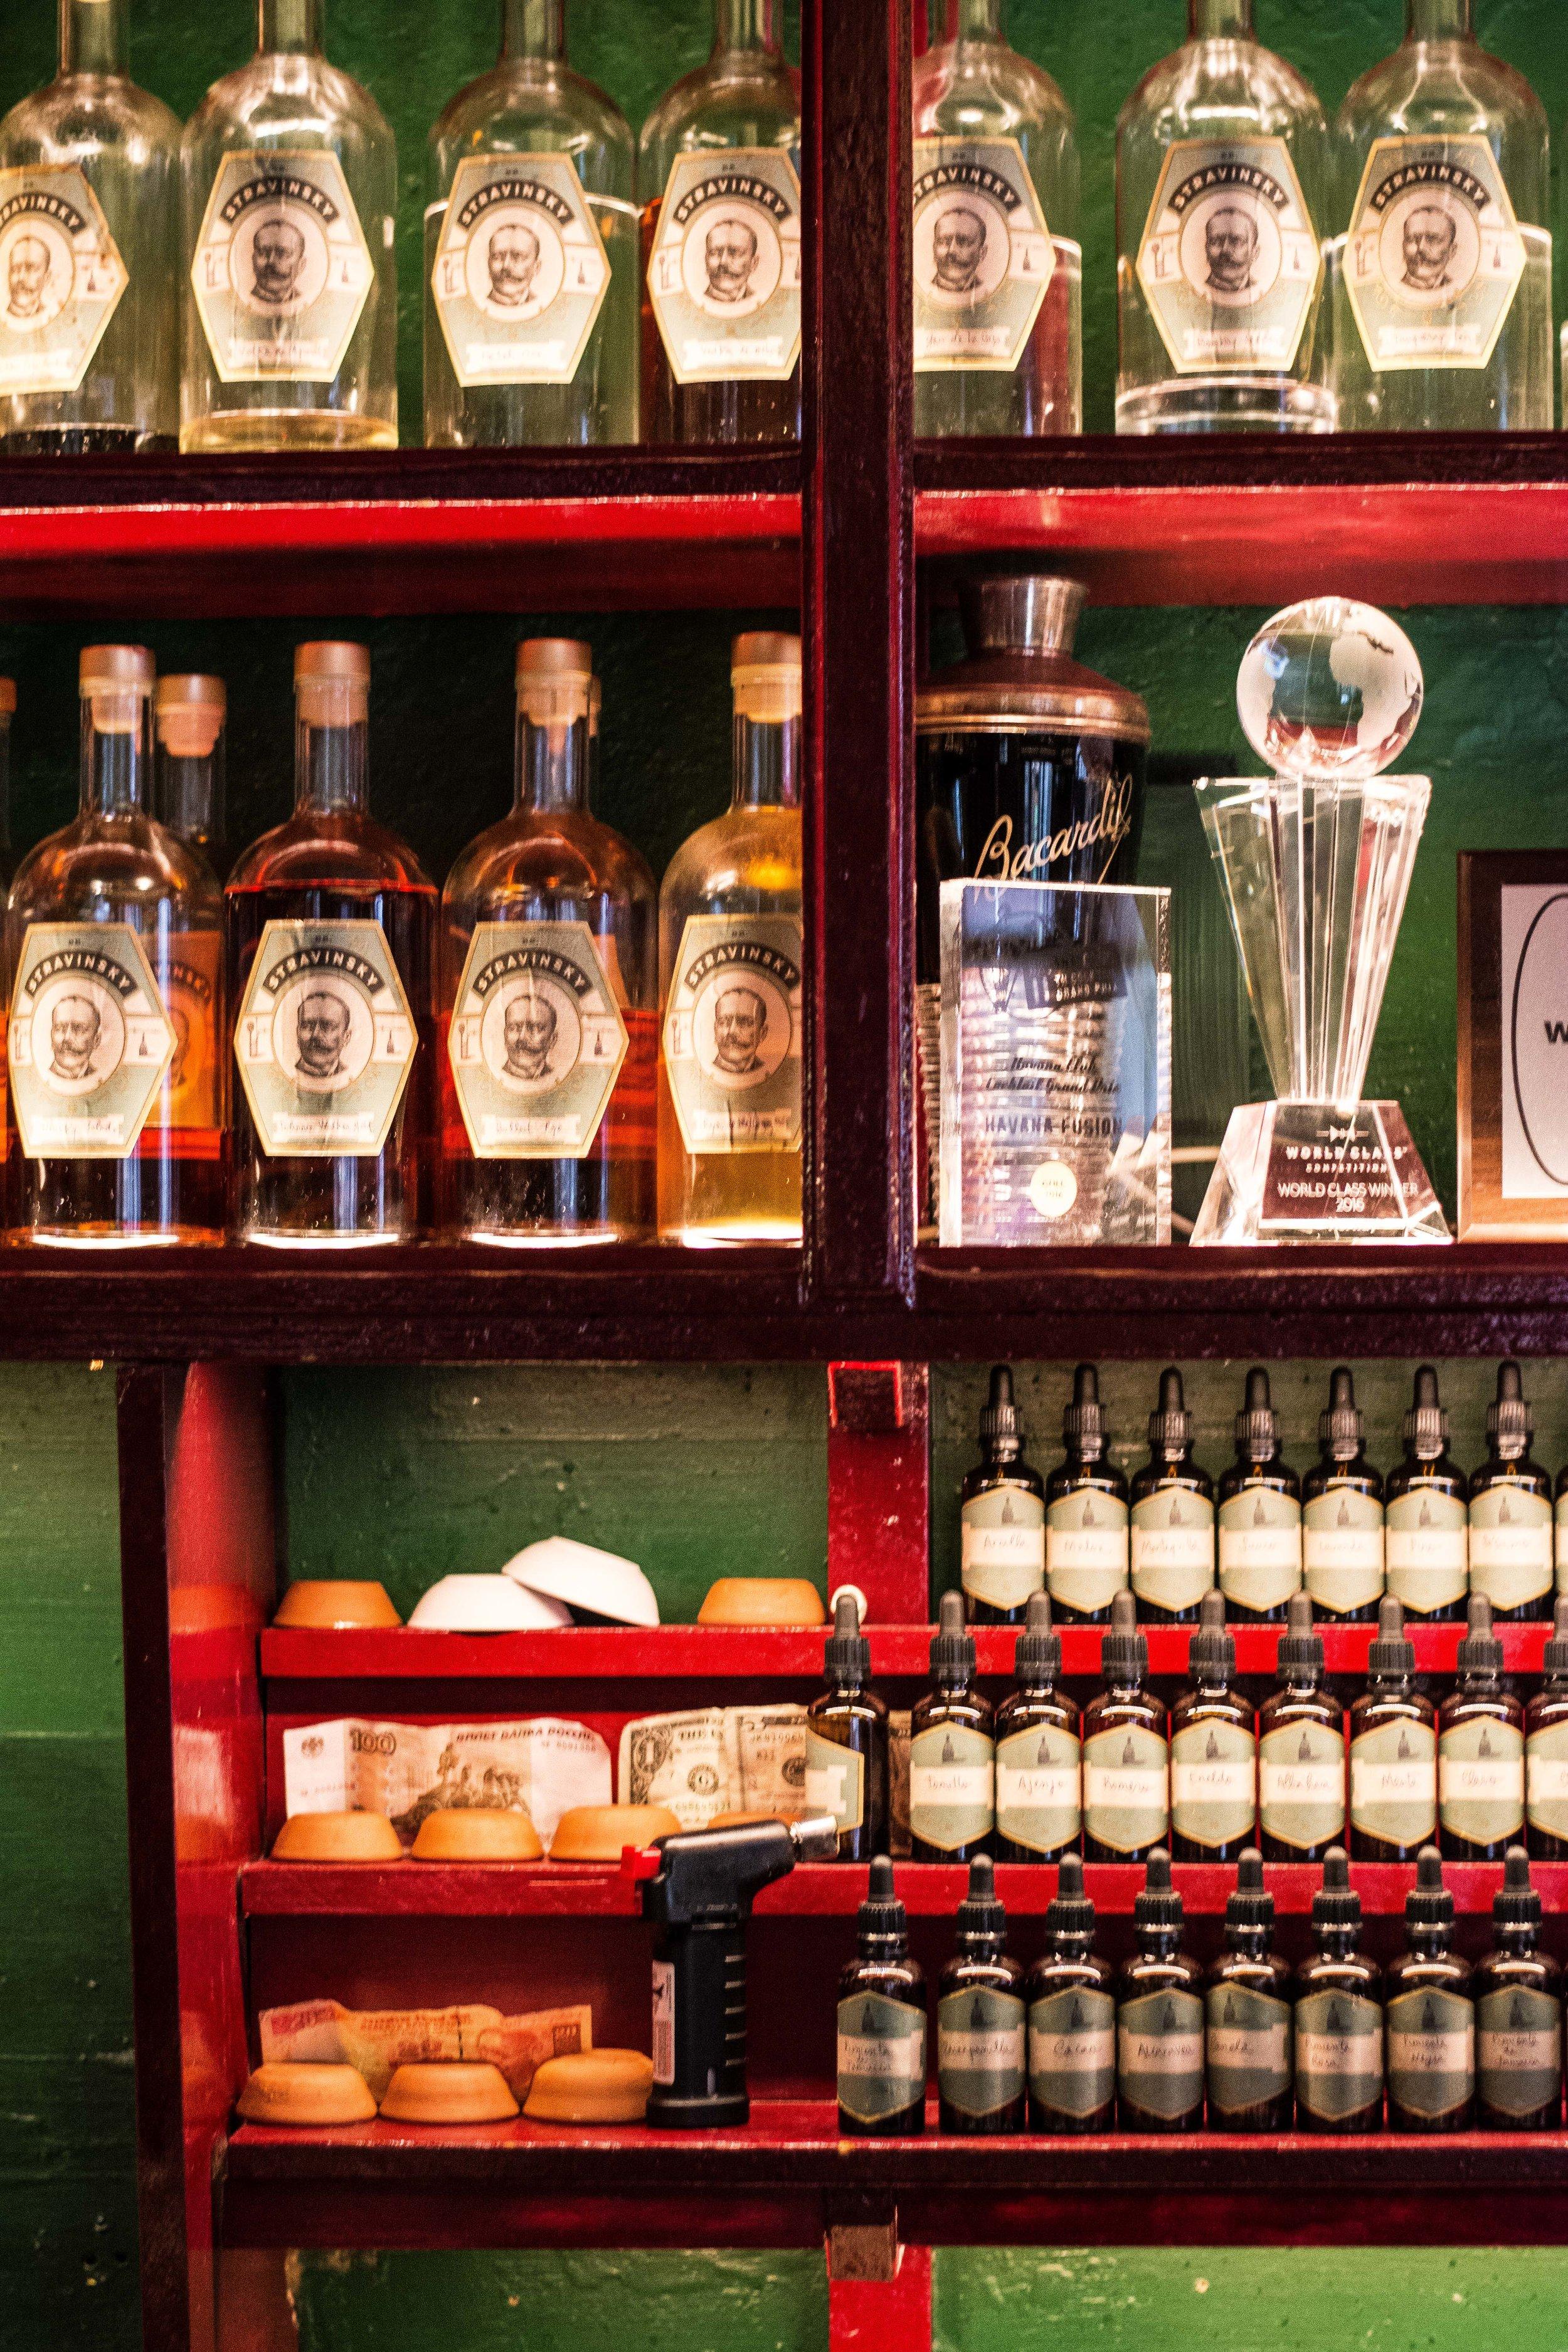 Dr Stravinsky cocktail bar, Barcelona